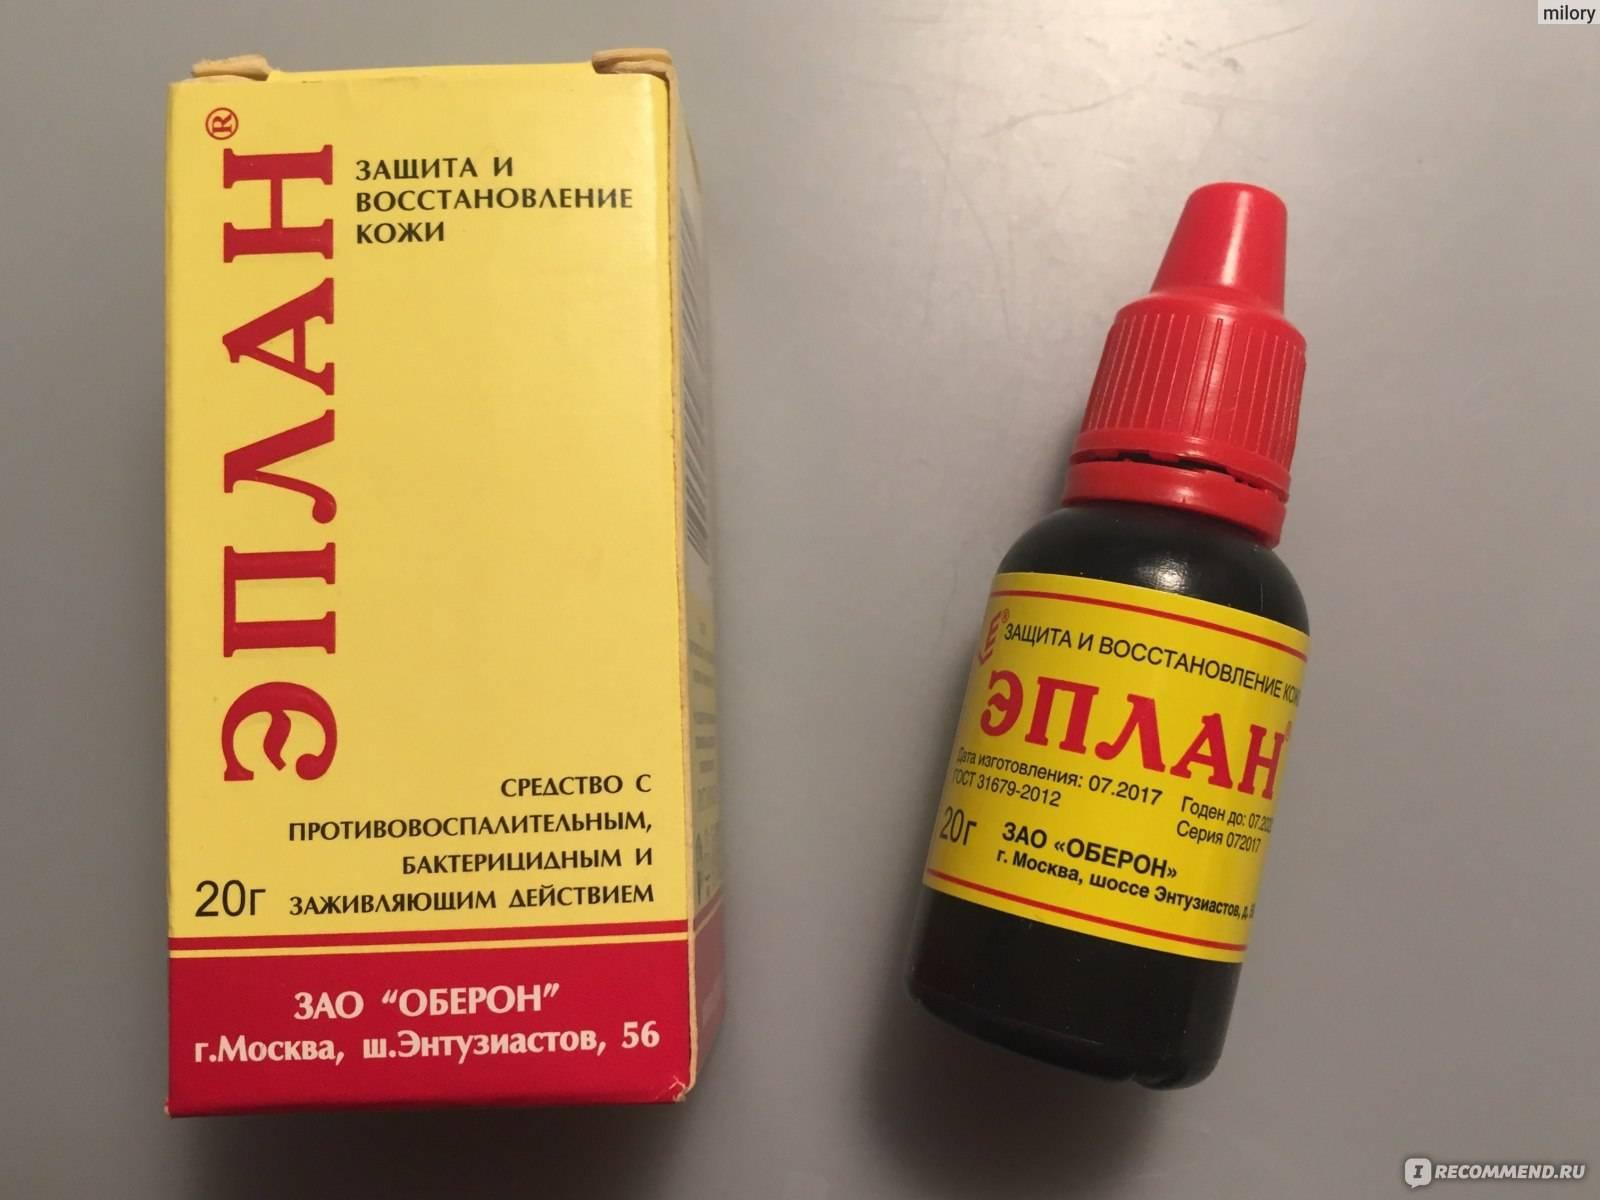 Лечение прыщей на лице с помощью препарата эплан